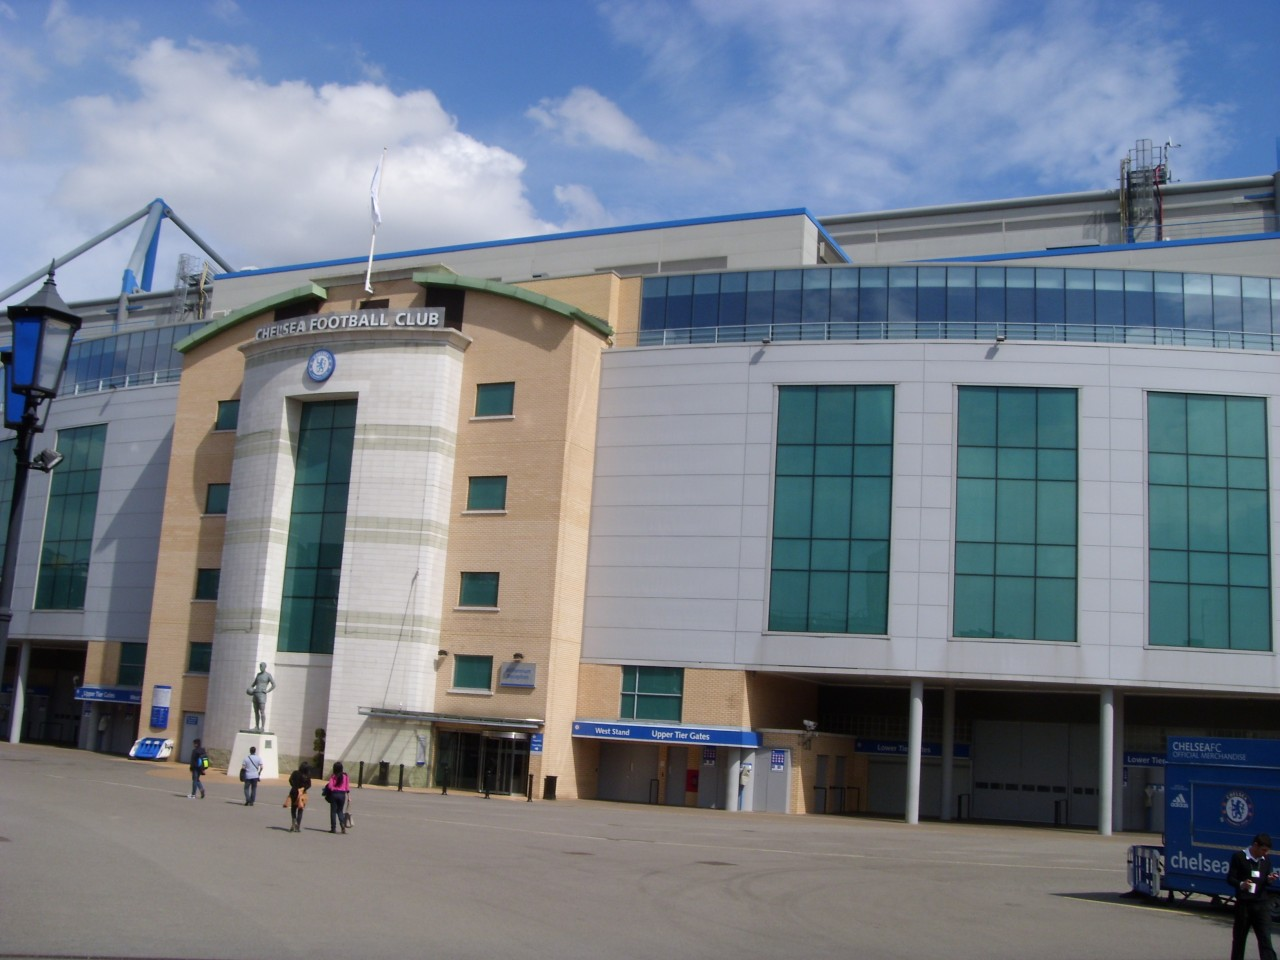 Chelsea FC Hotel & Ticket Breaks